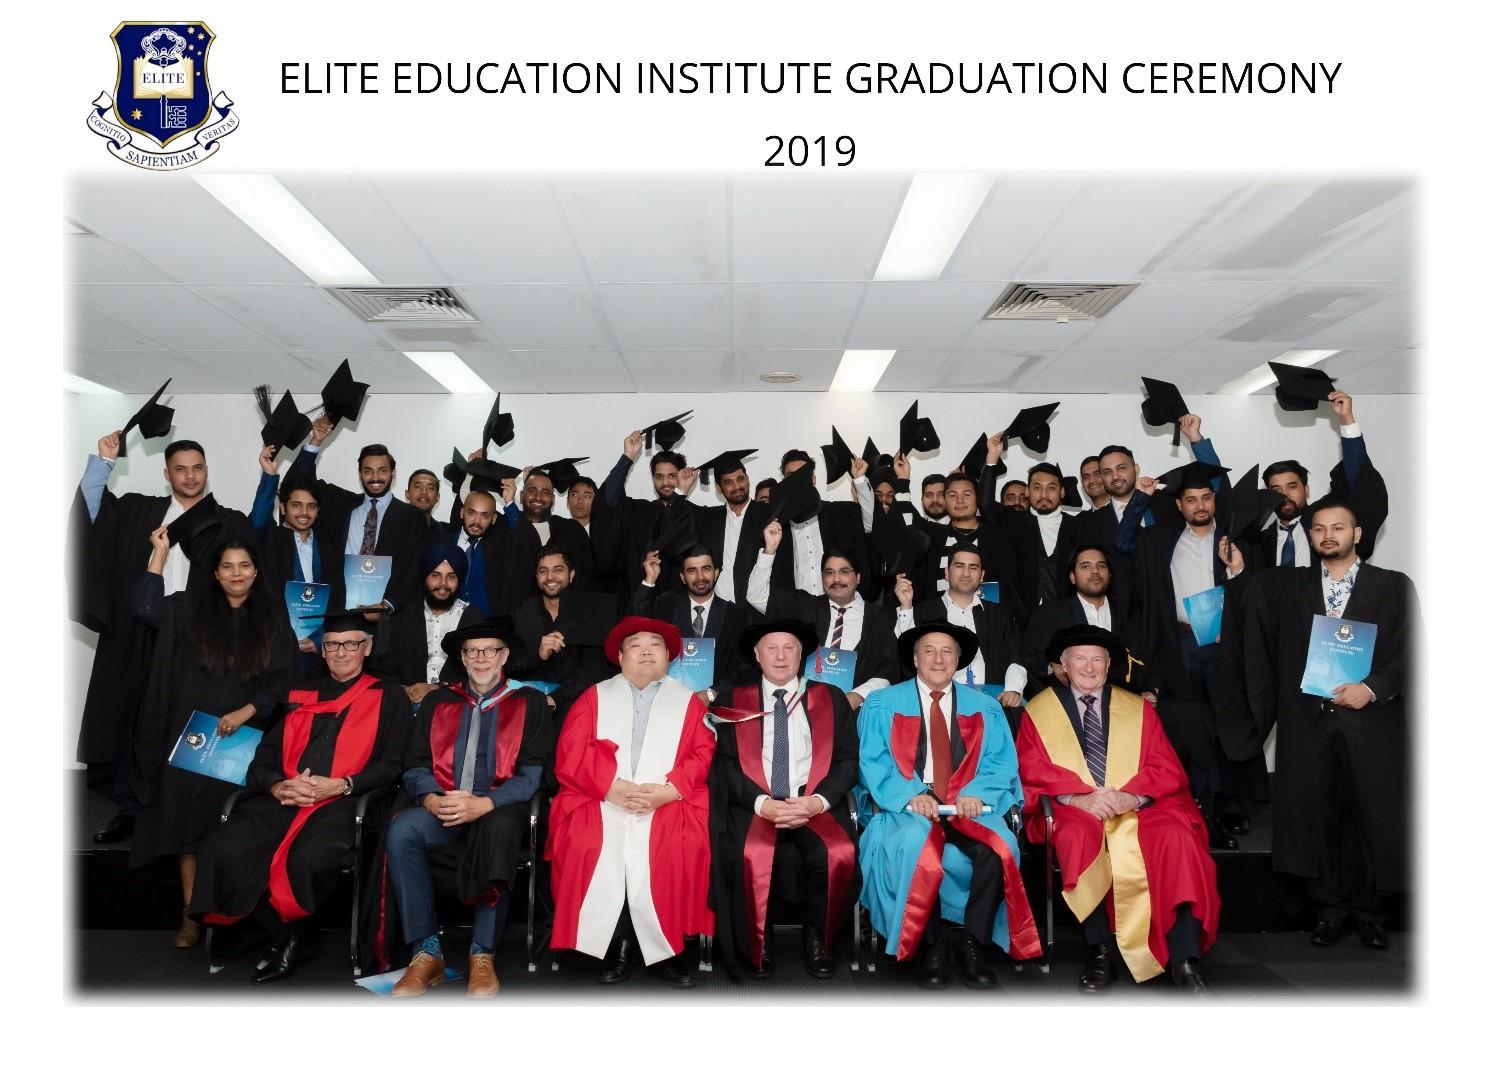 2019 Elite Education Institute Graduation Ceremony